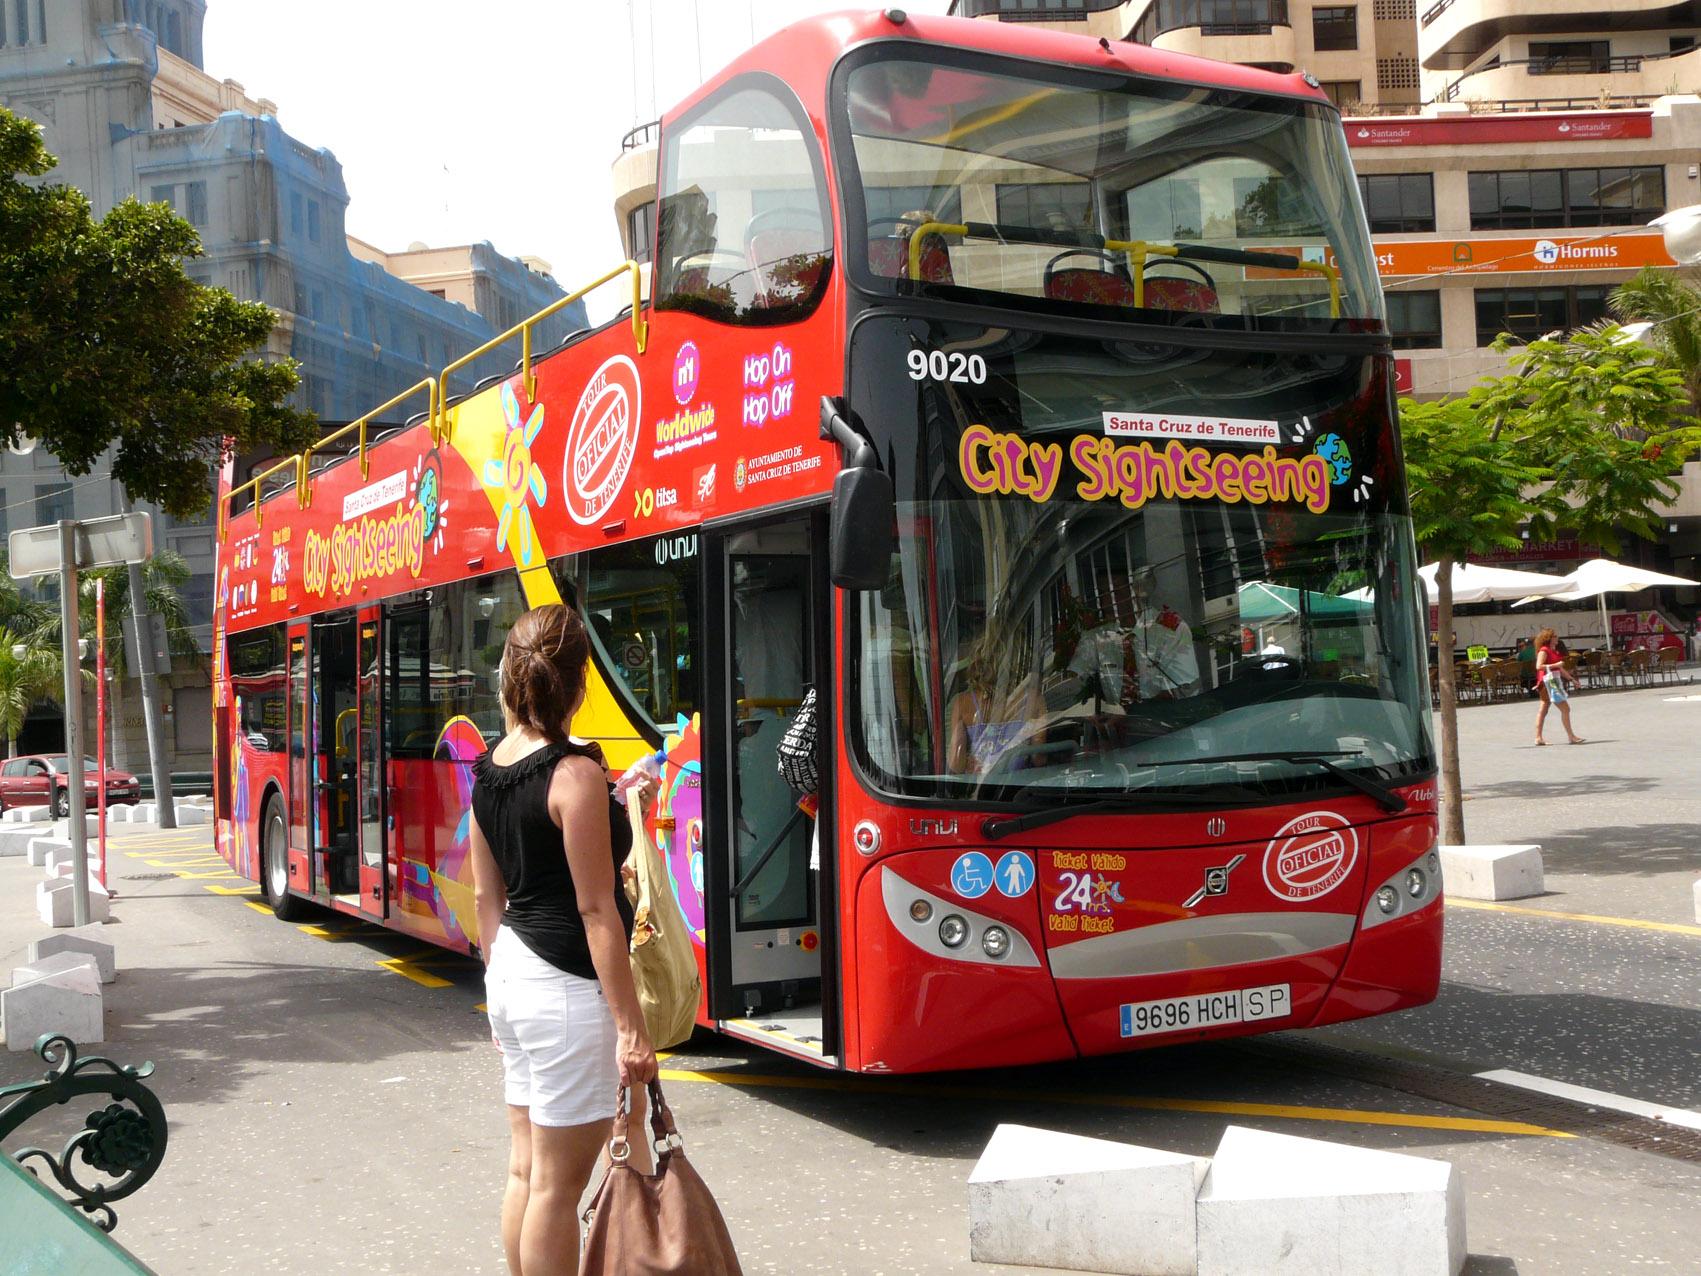 Bus turístico de Santa Cruz de Tenerife